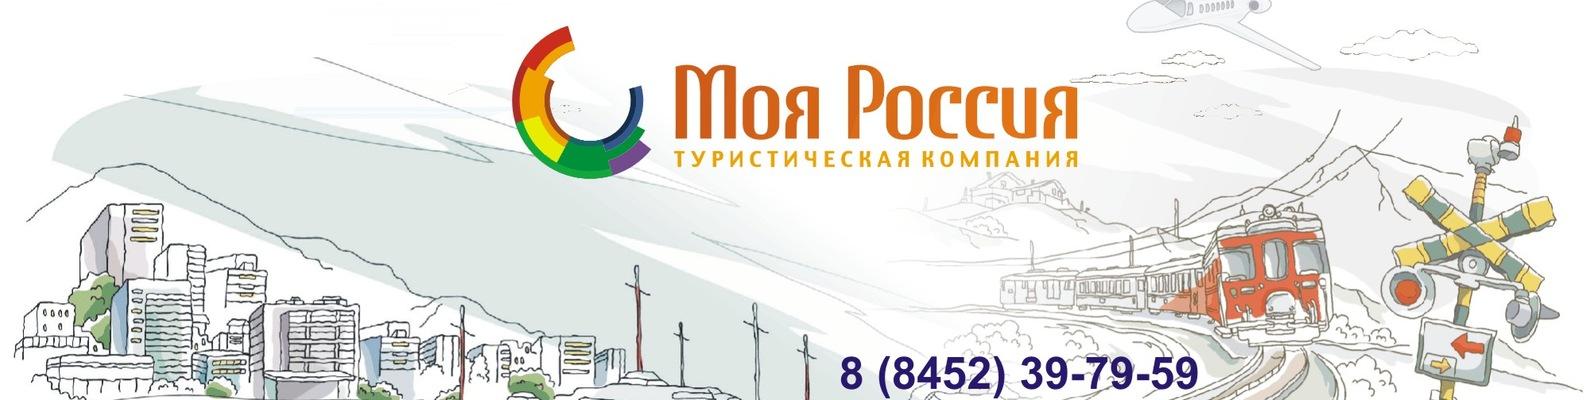 Туристическая компания моя россия сайт сайт зао компания ресурс